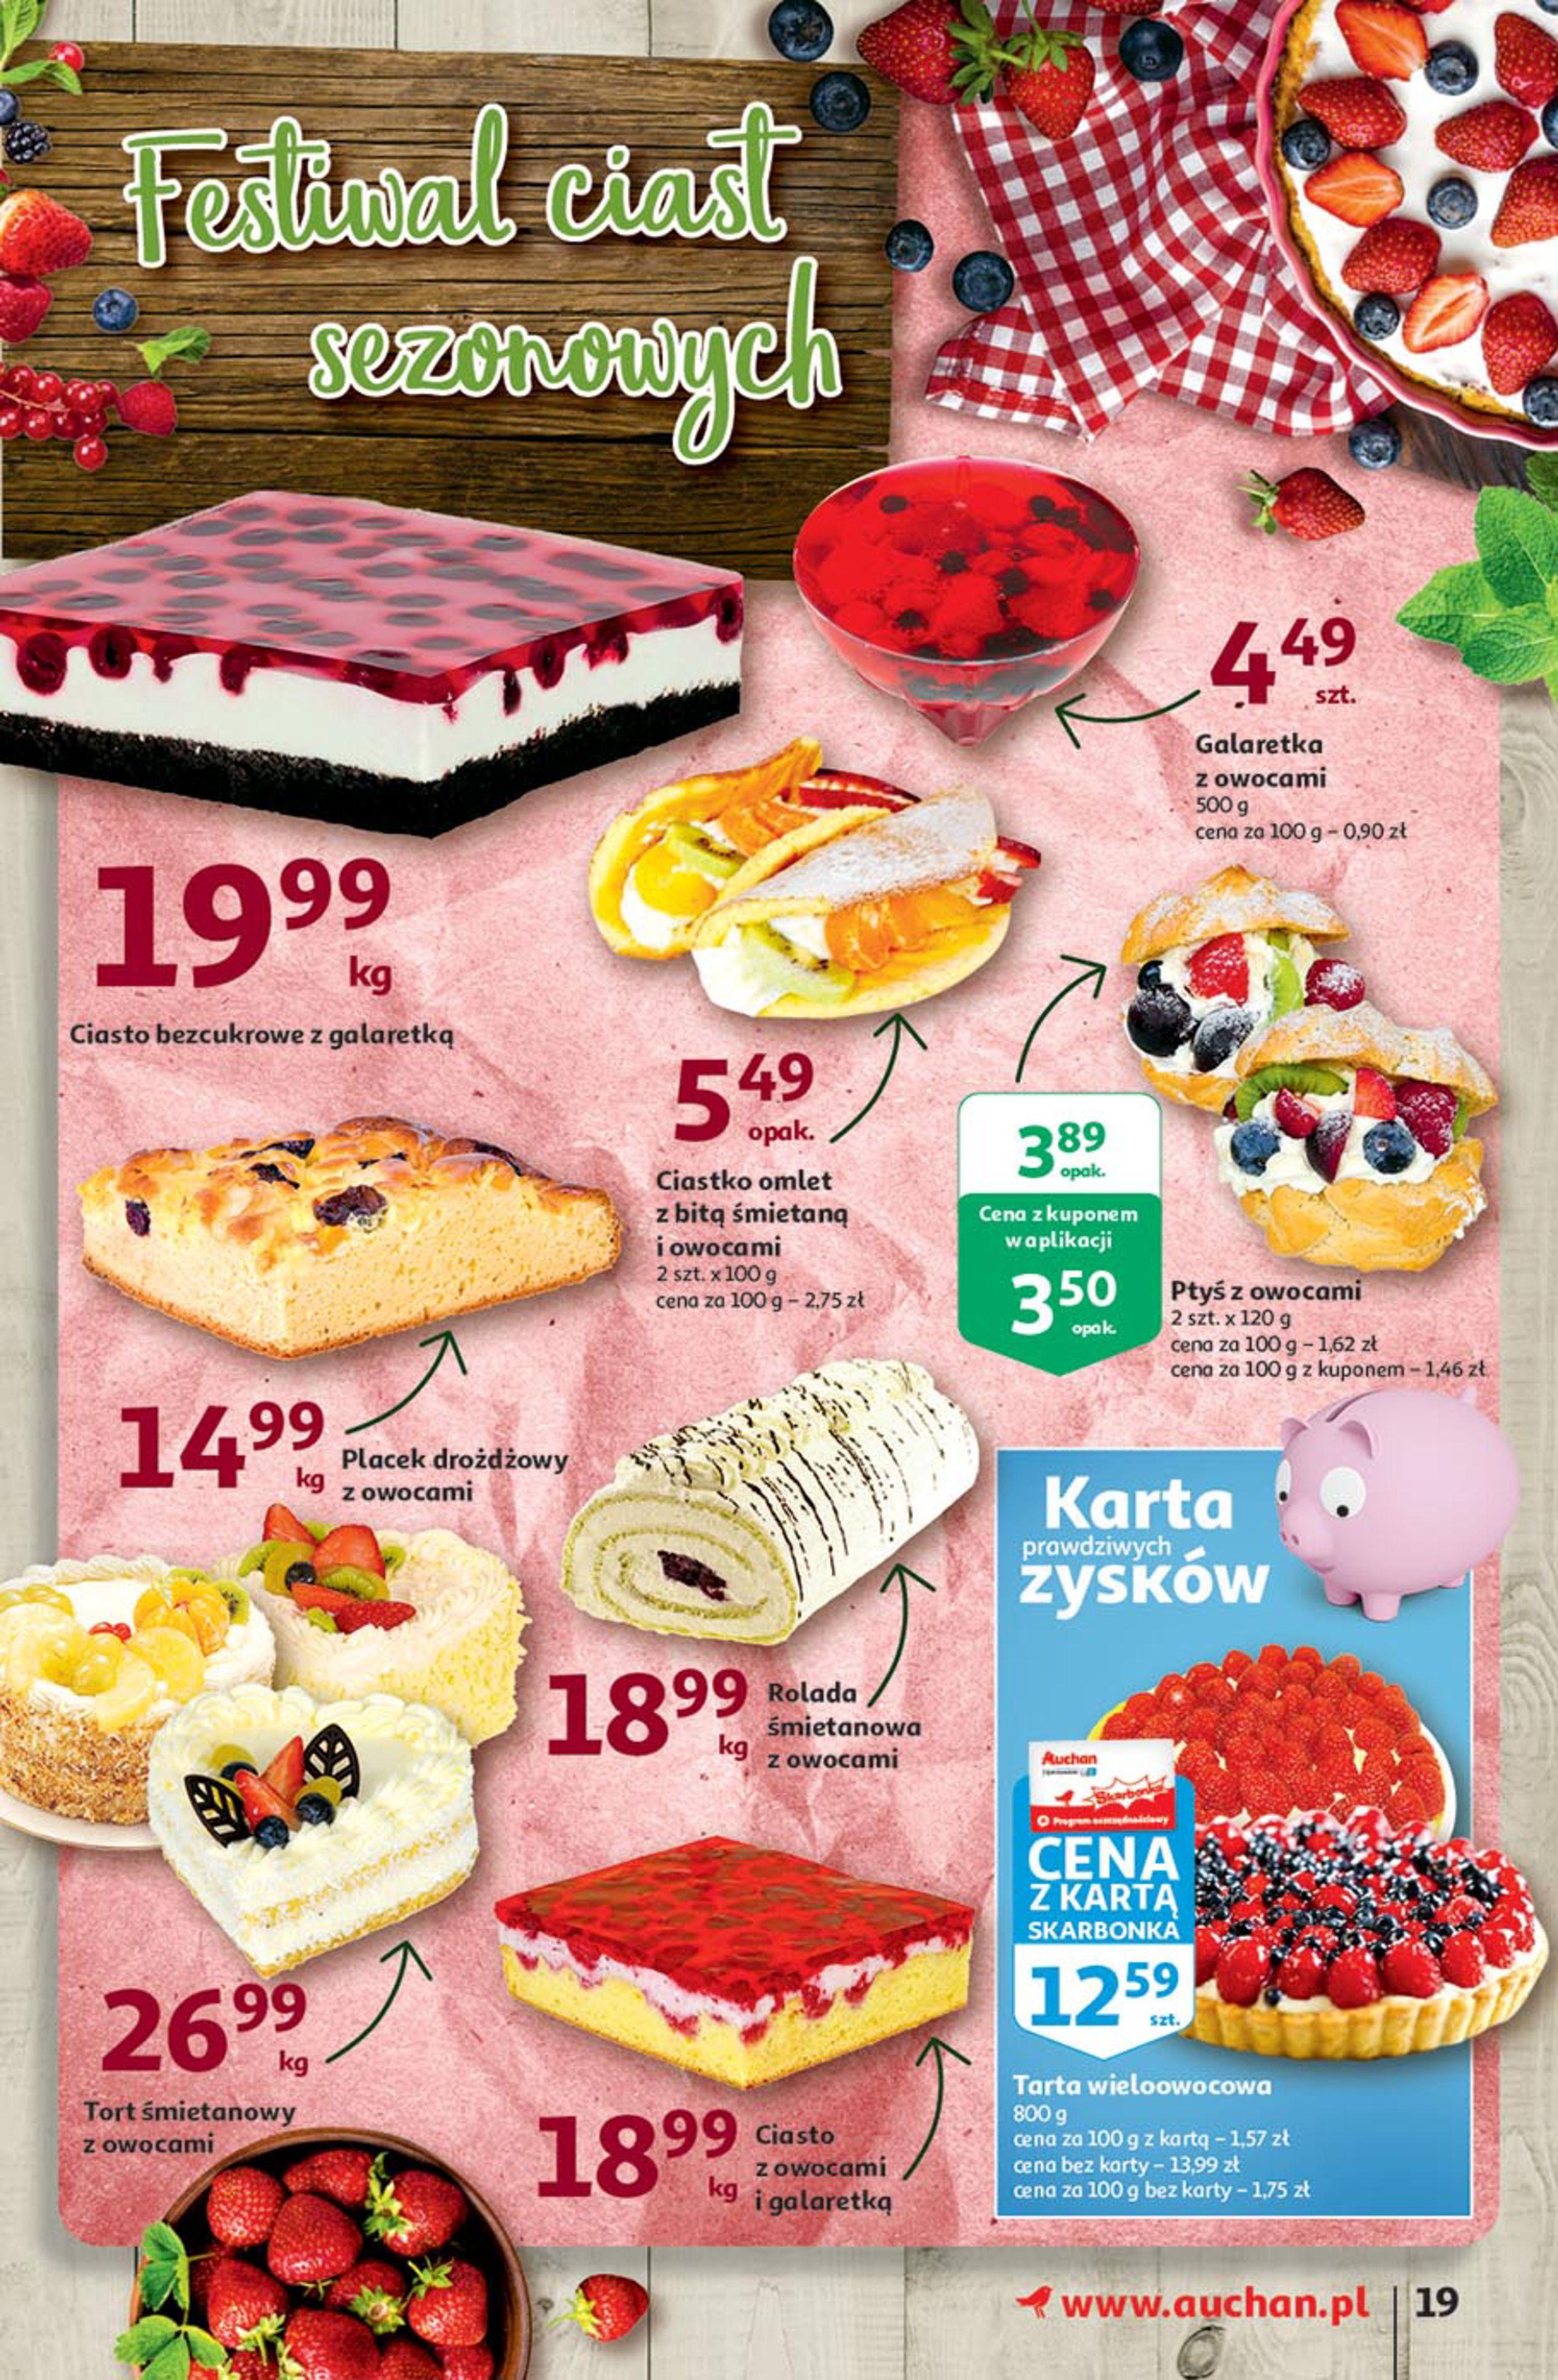 Gazetka Auchan: Gazetka Auchan - Euro 2020 2021-06-10 page-19